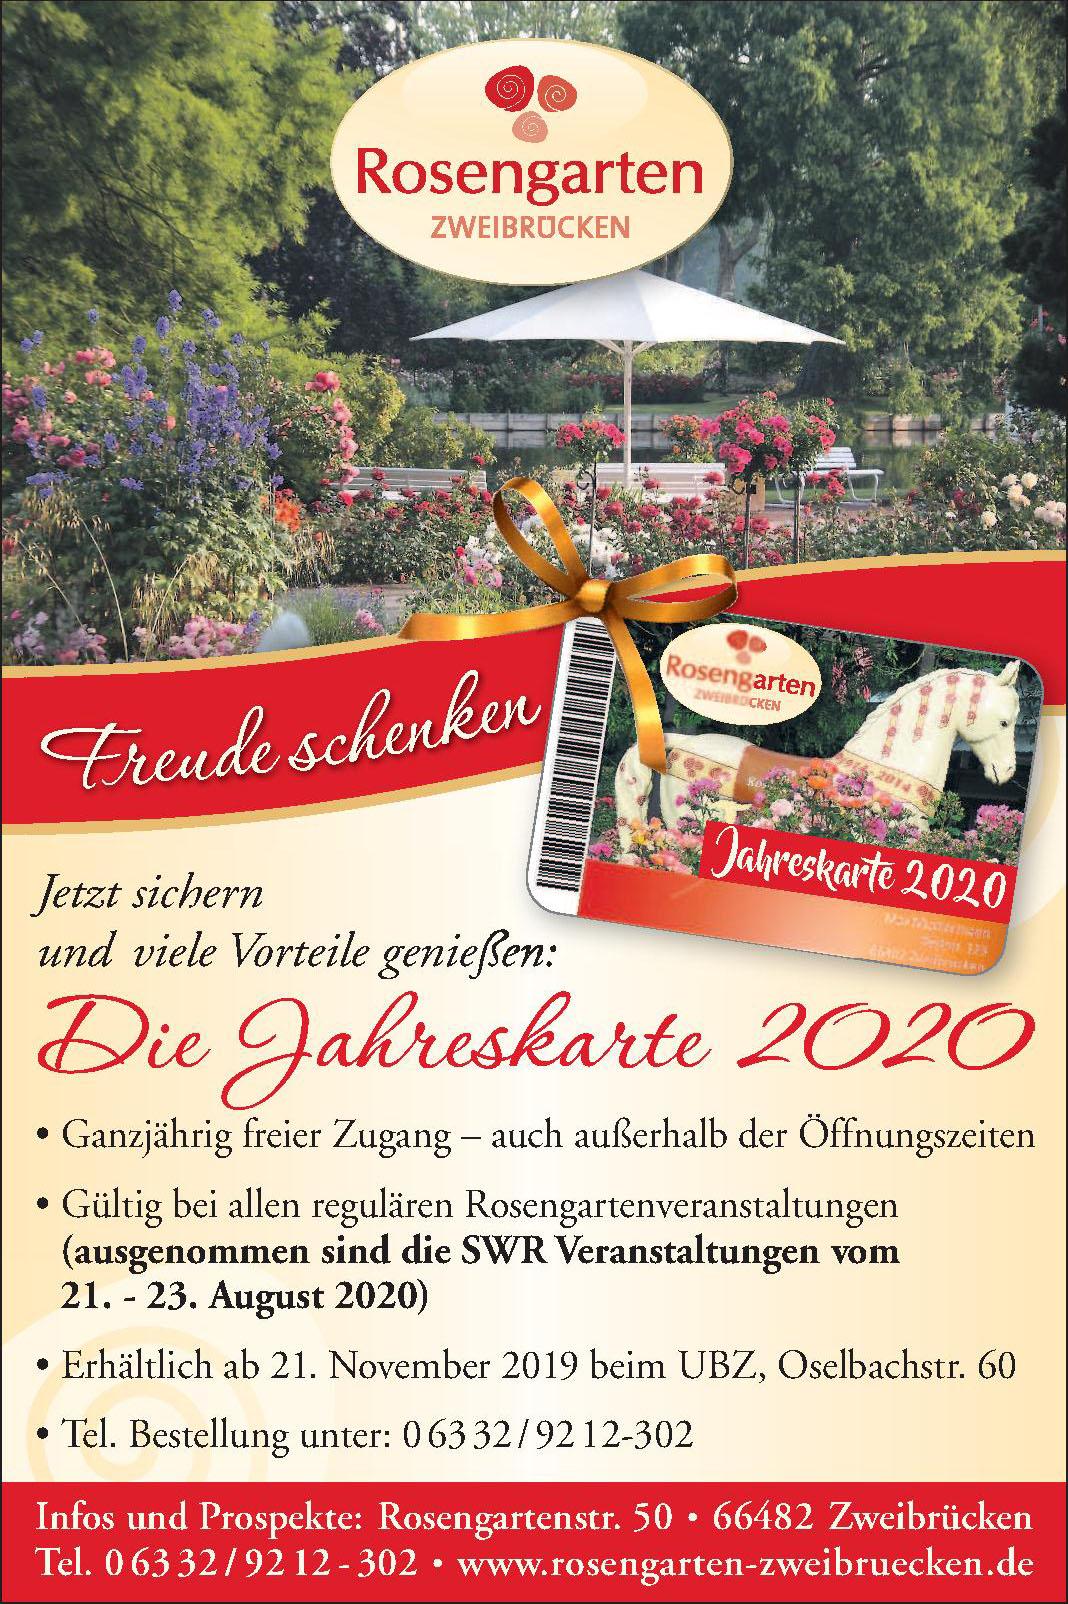 Rosengarten Zweibrücken